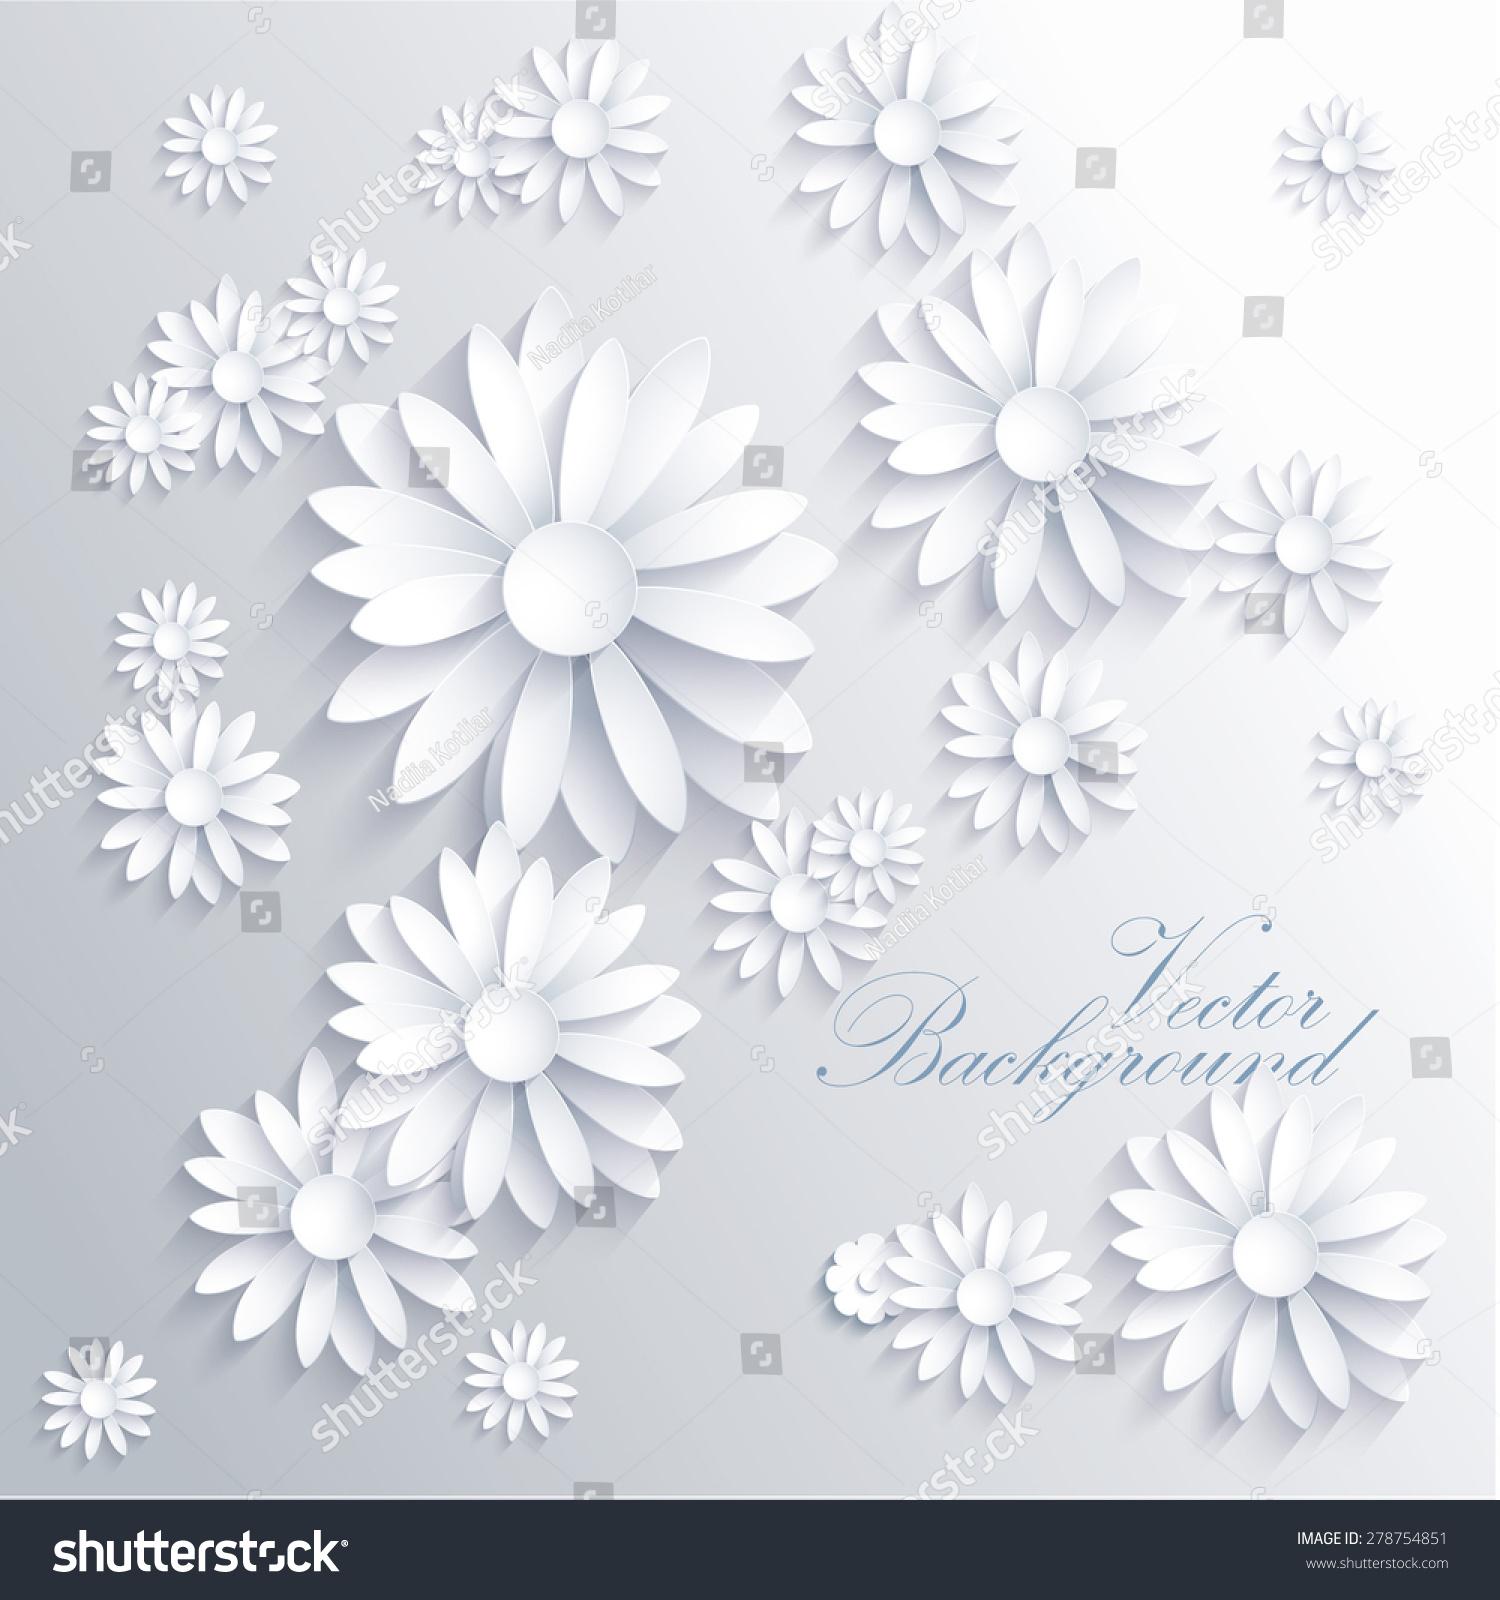 抽象的背景与白色纸花-背景/素材,抽象-海洛创意()-合